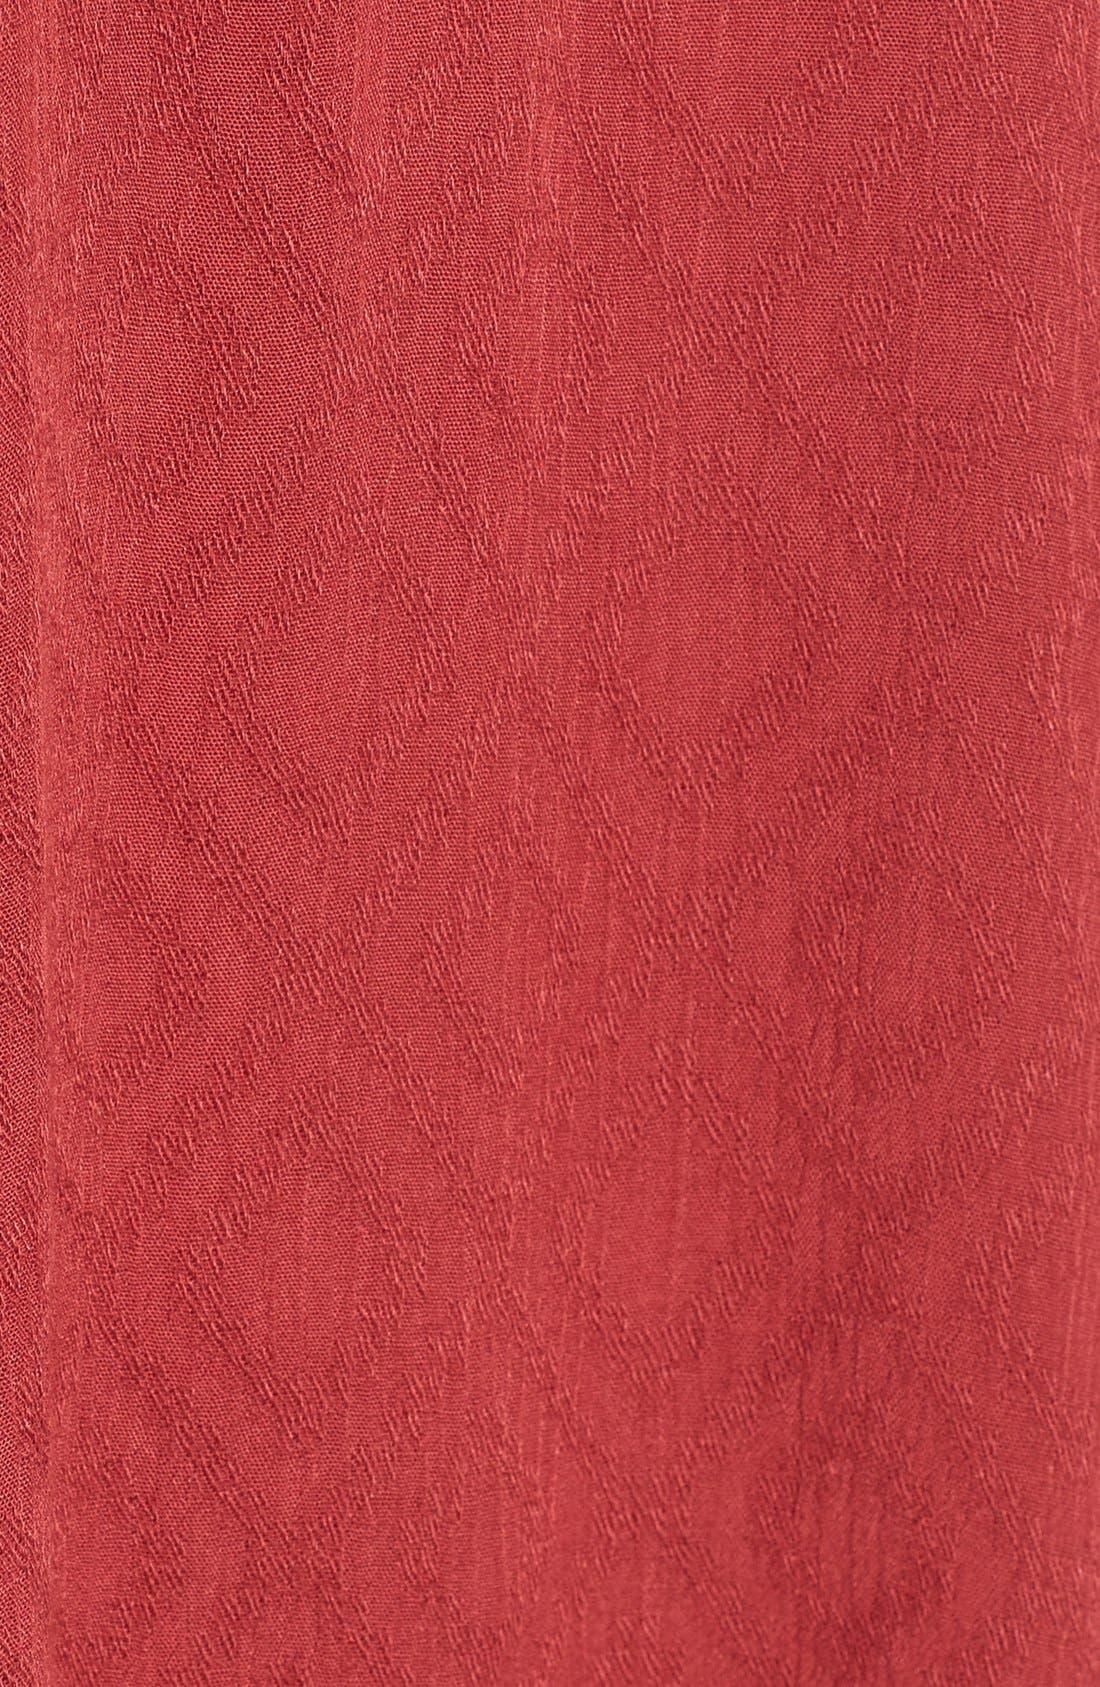 Alternate Image 5  - Lush Textured V-Neck Blouse